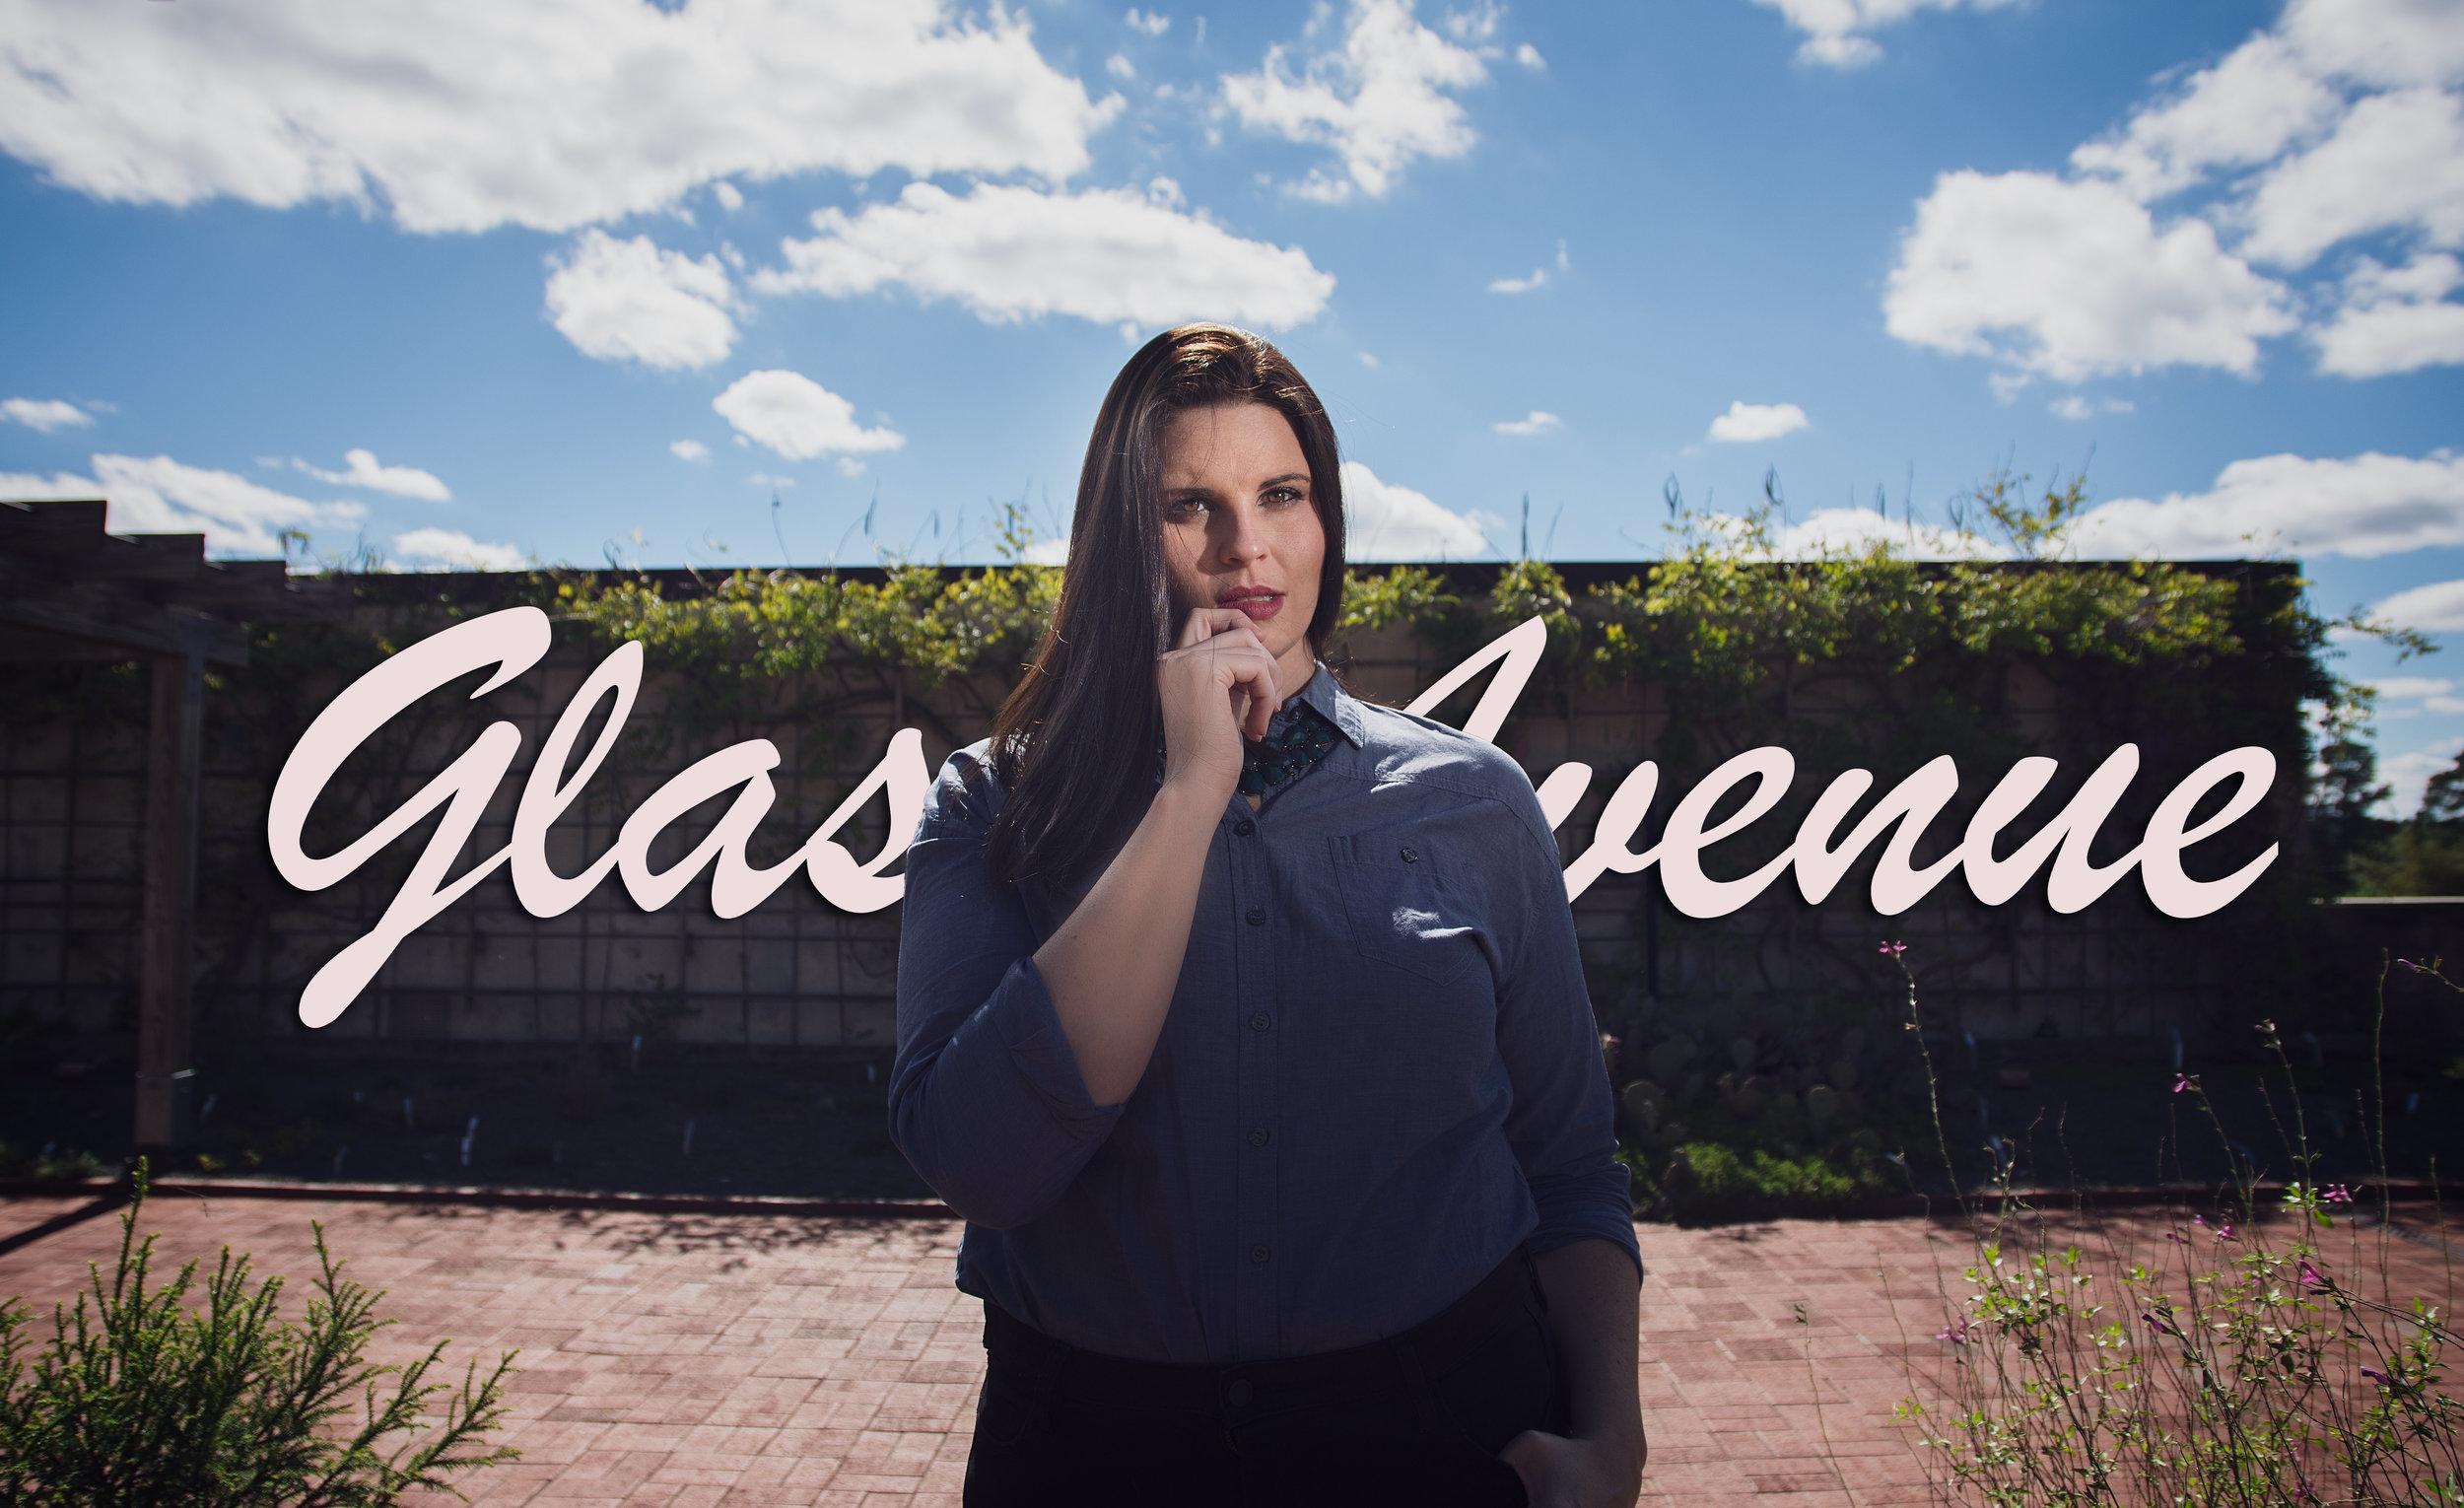 Danielle Glass Avenue Ad 4.jpg